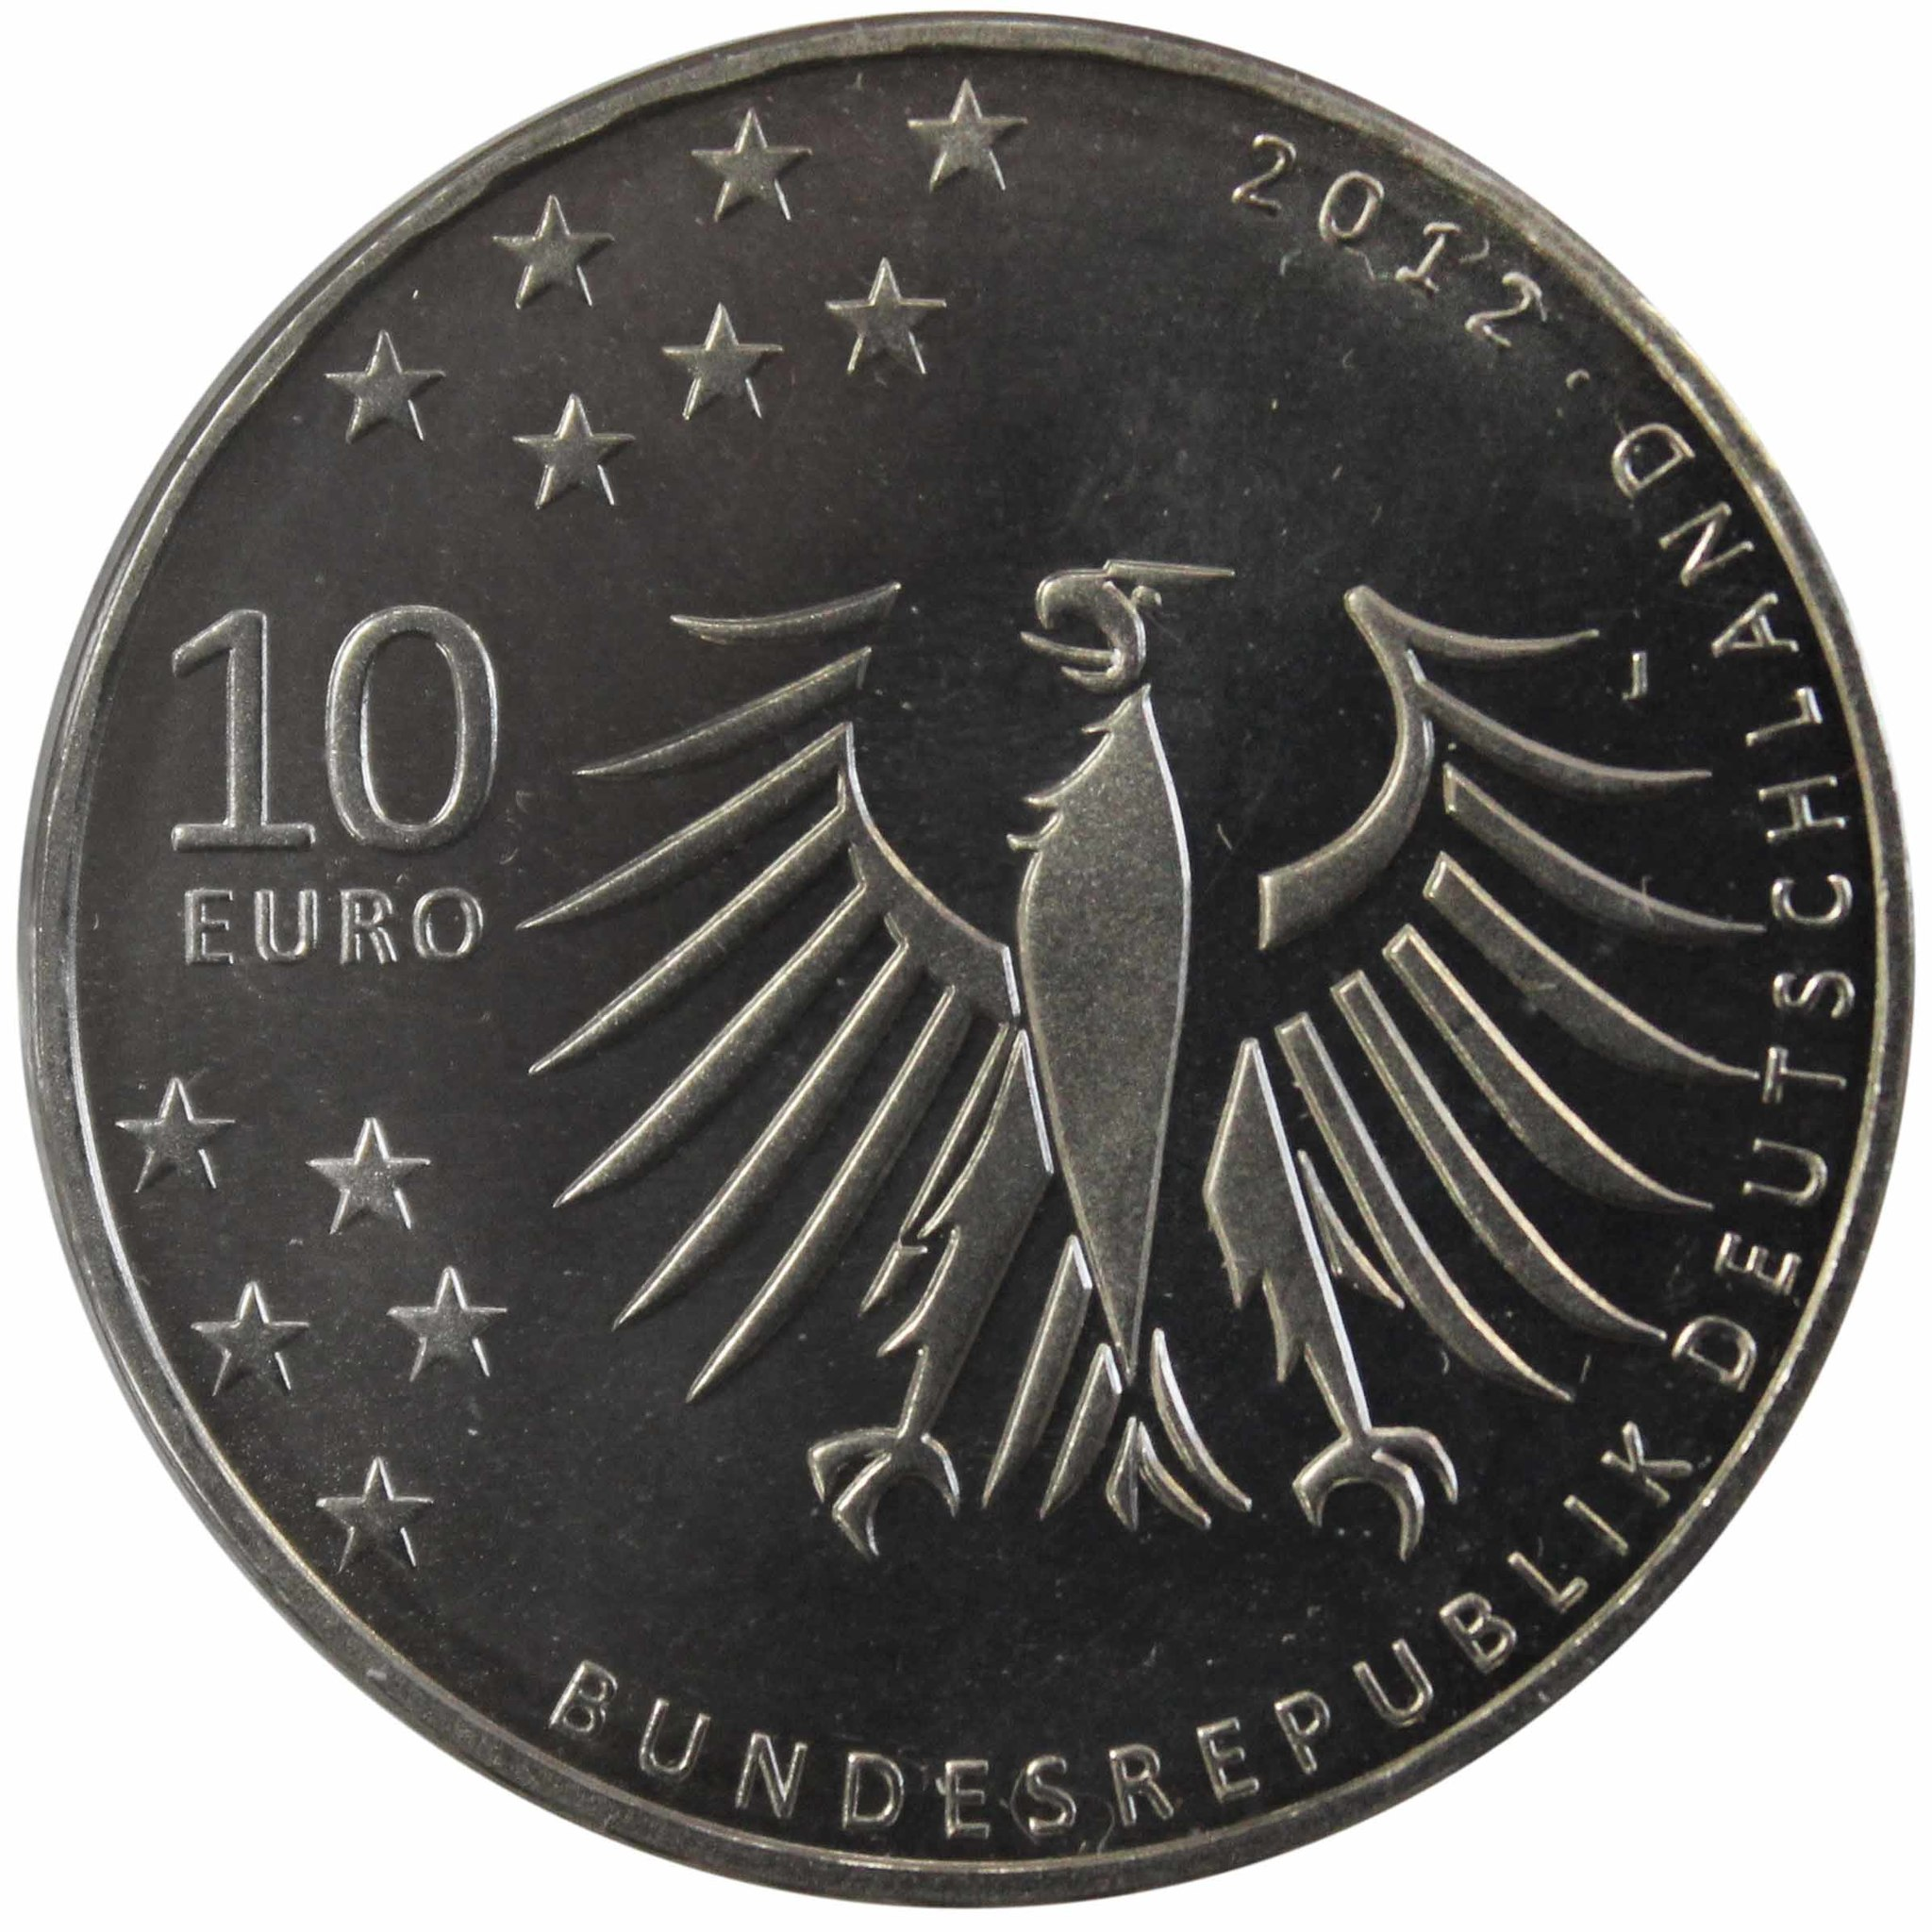 10 евро. 150 лет со дня рождения Герхарда Хауптмана. Германия. 2012 год. Медноникель